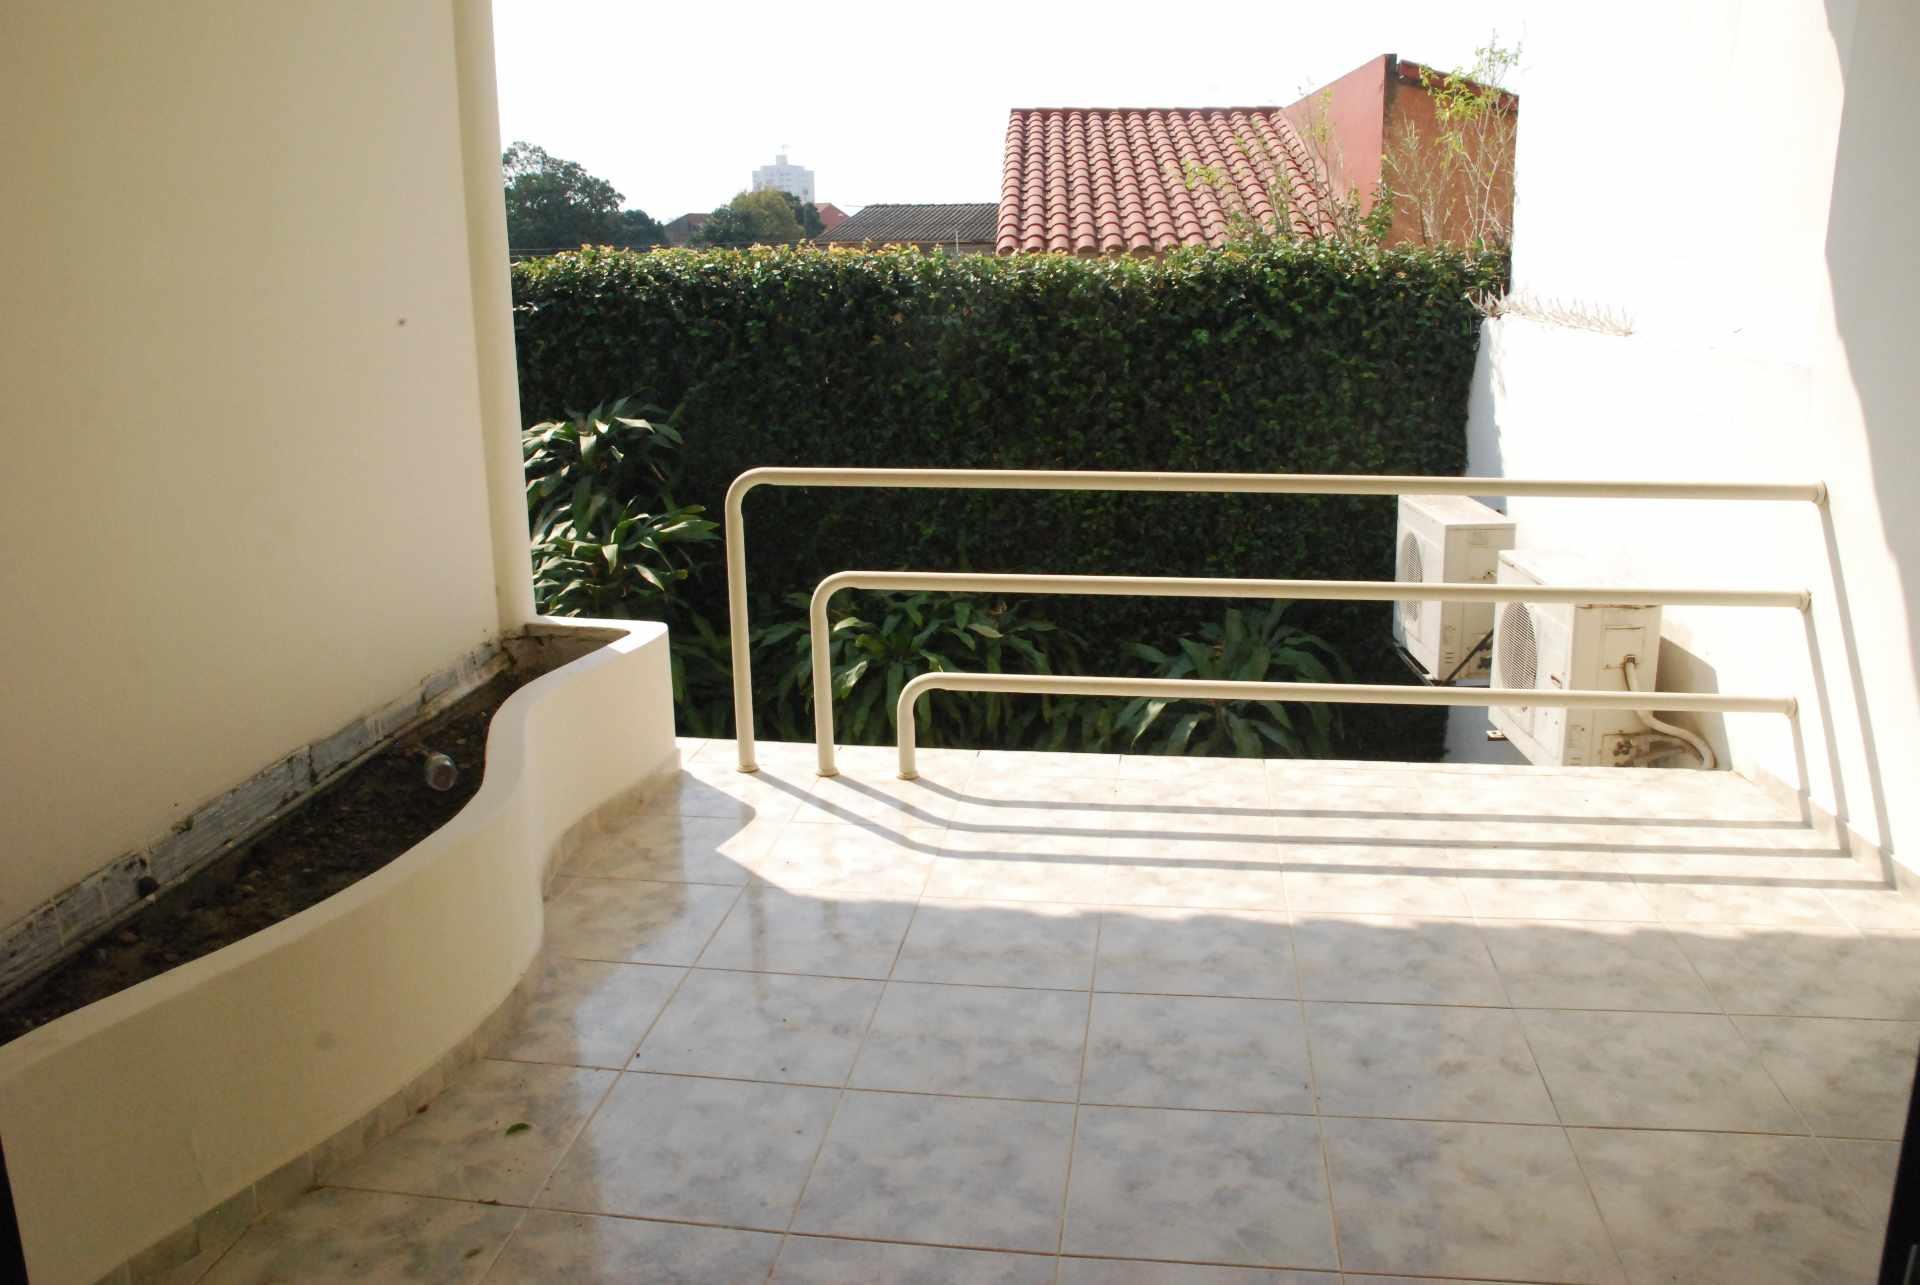 Casa en Alquiler Condominio Barrio Norte , al lado del Mall Las Brisas, 4to anillo Avenida Banzer. Foto 5